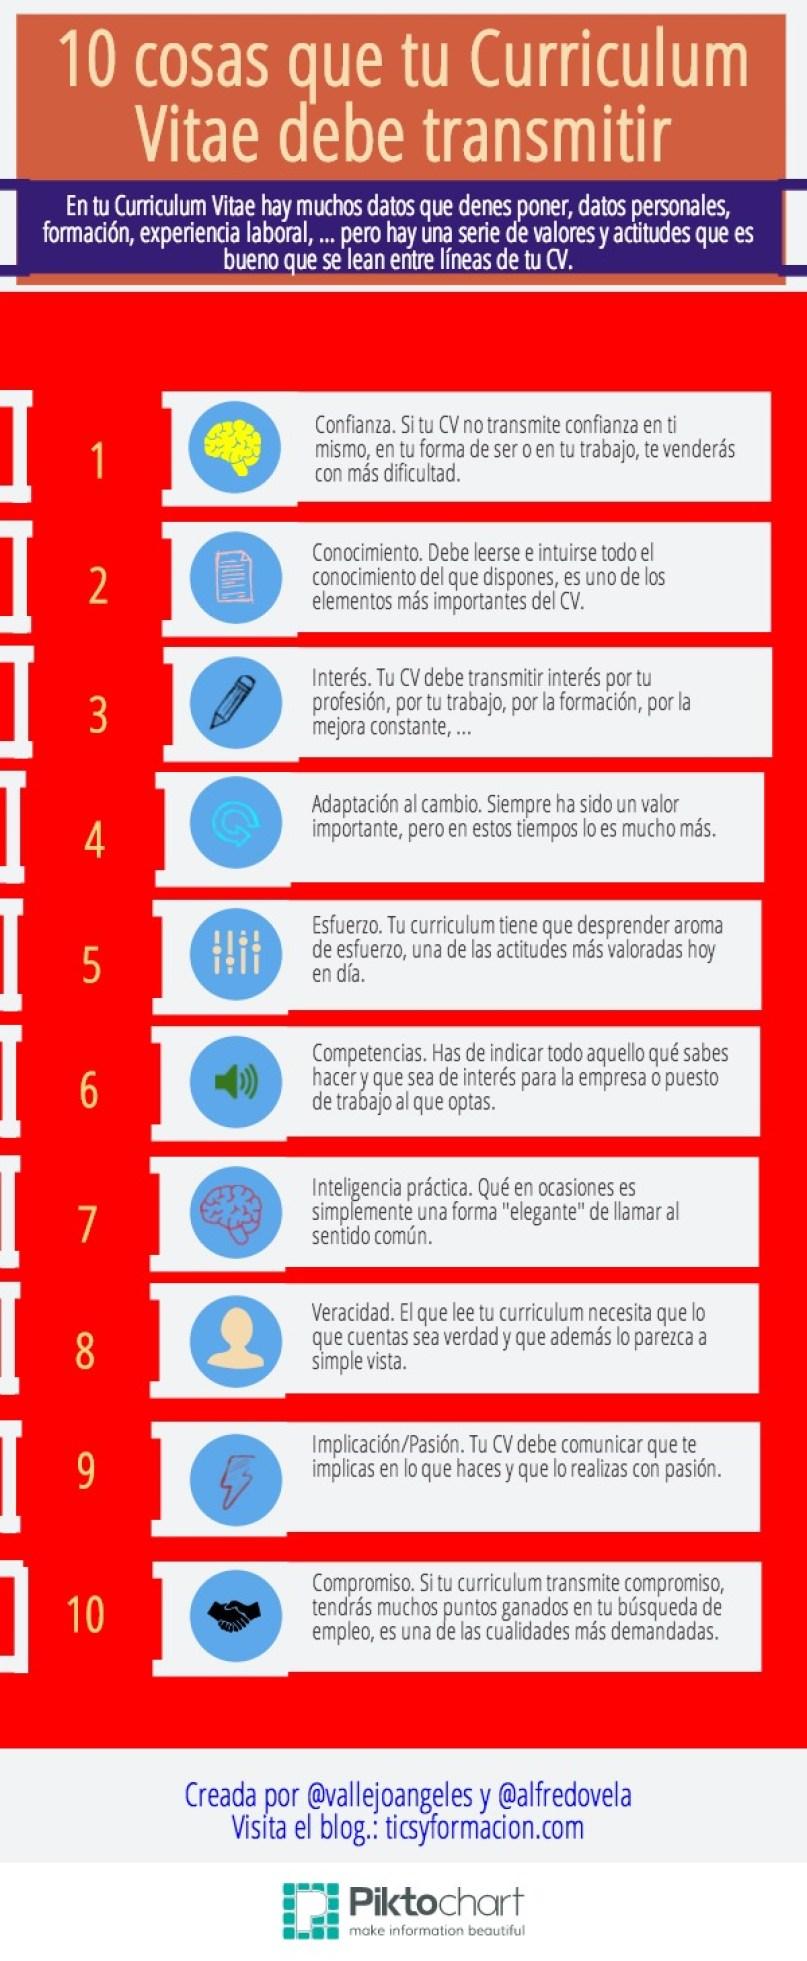 10 cosas que tu Curriculum Vitae debe transmitir #infografia ...